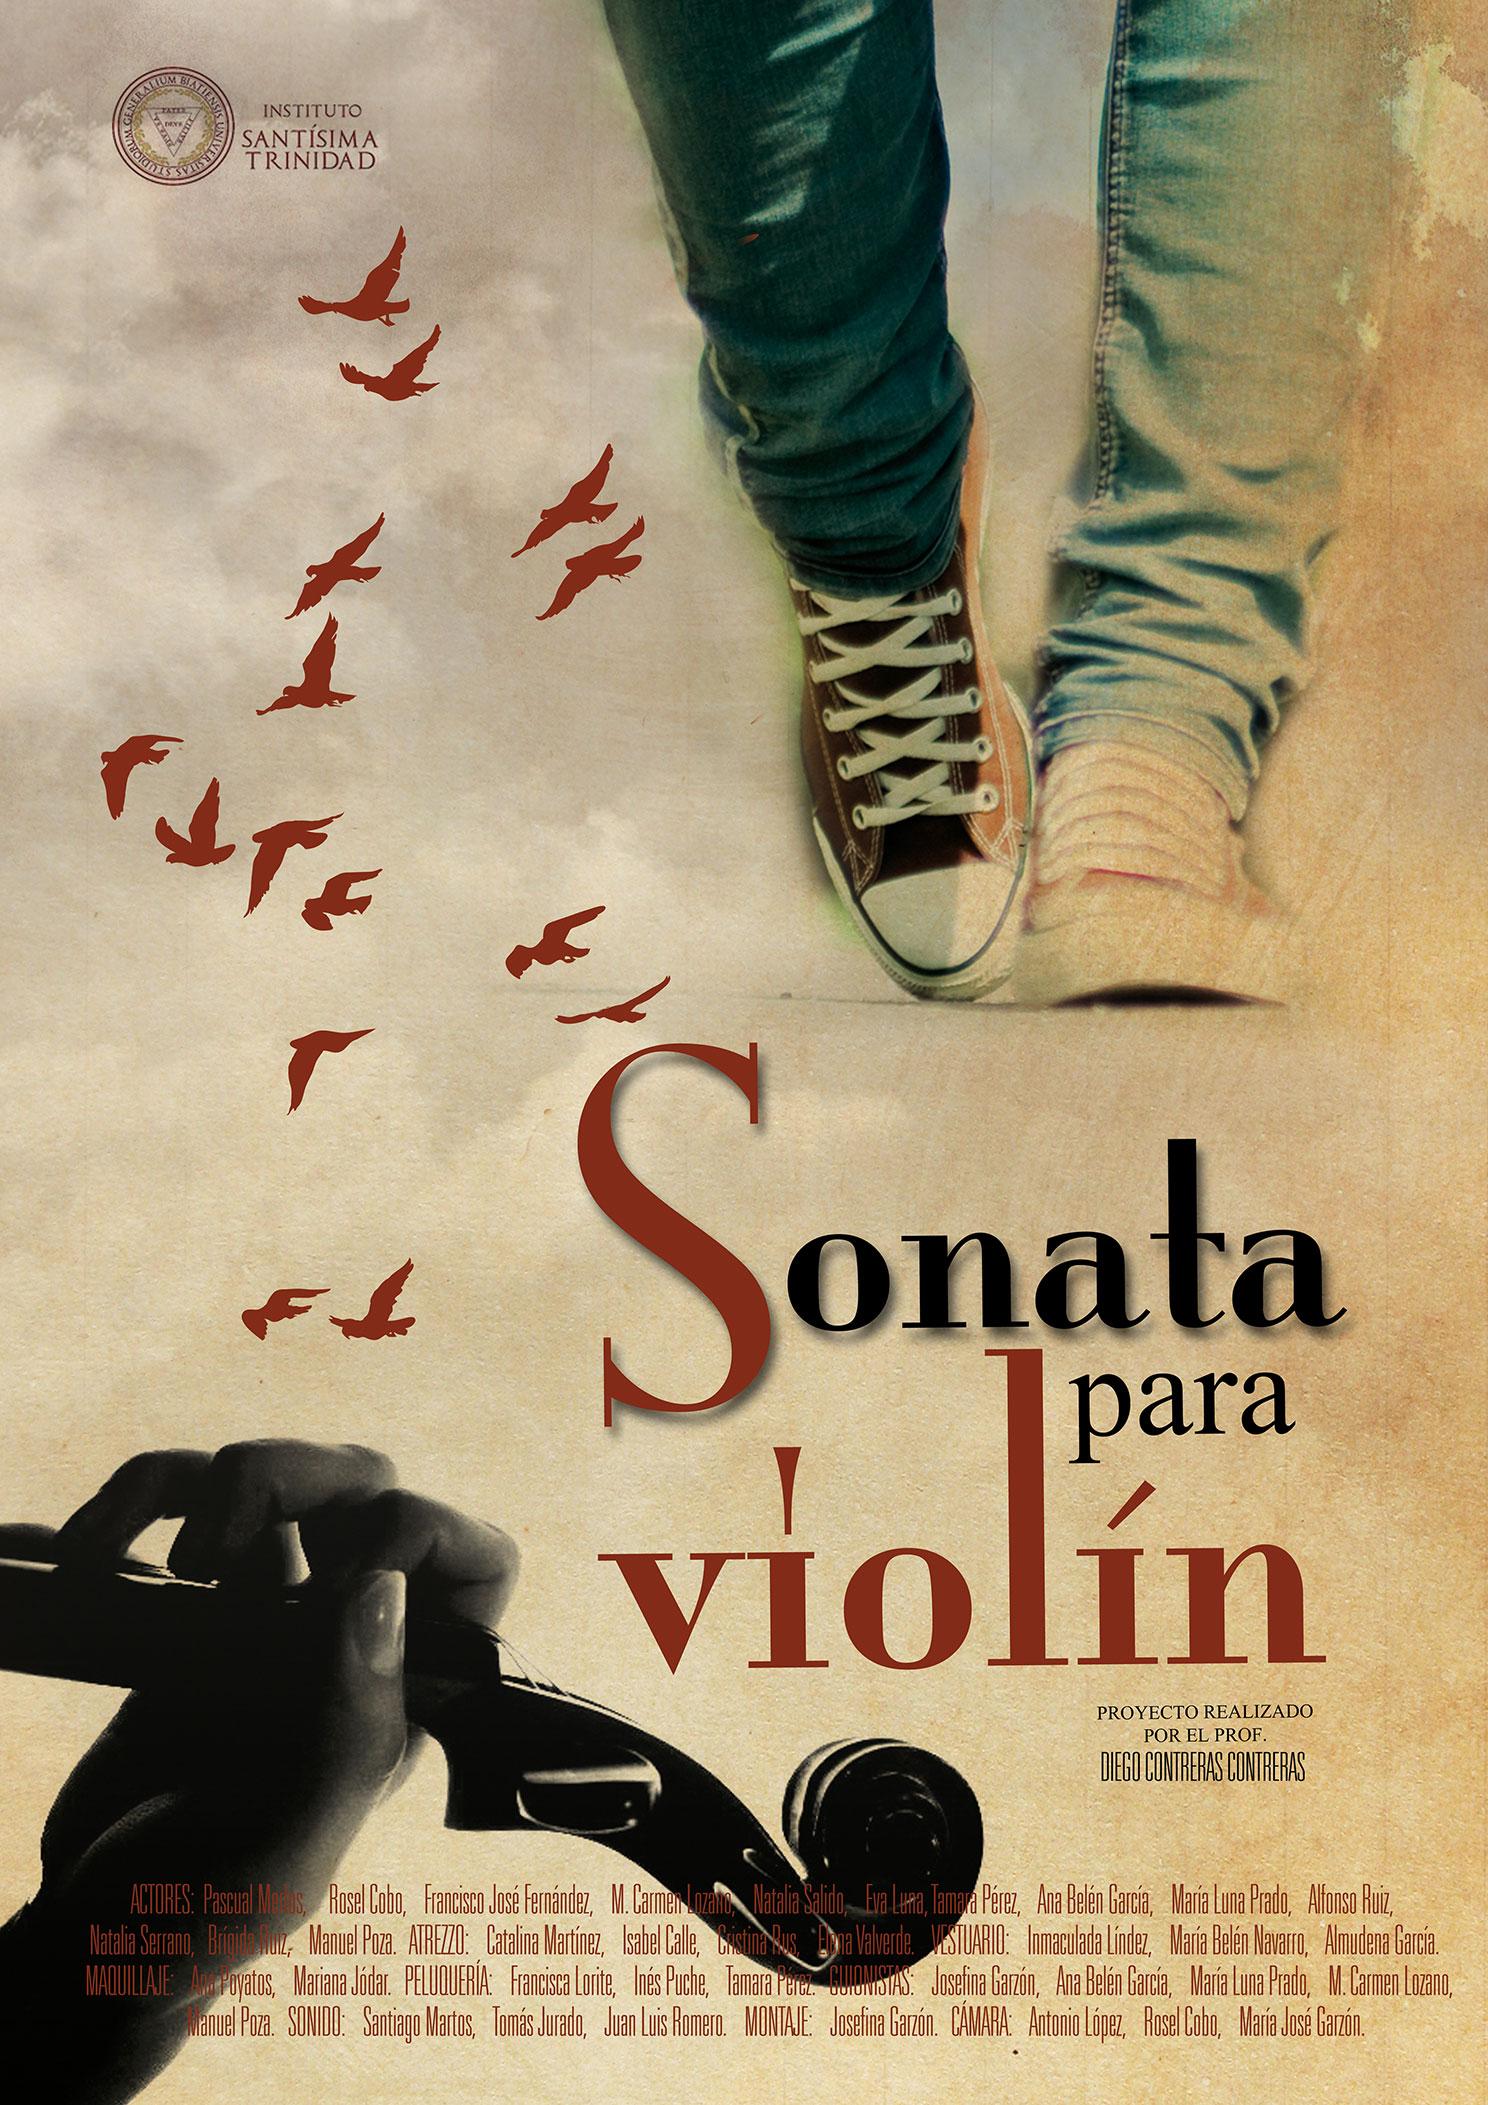 SONATA DE VIOLIN